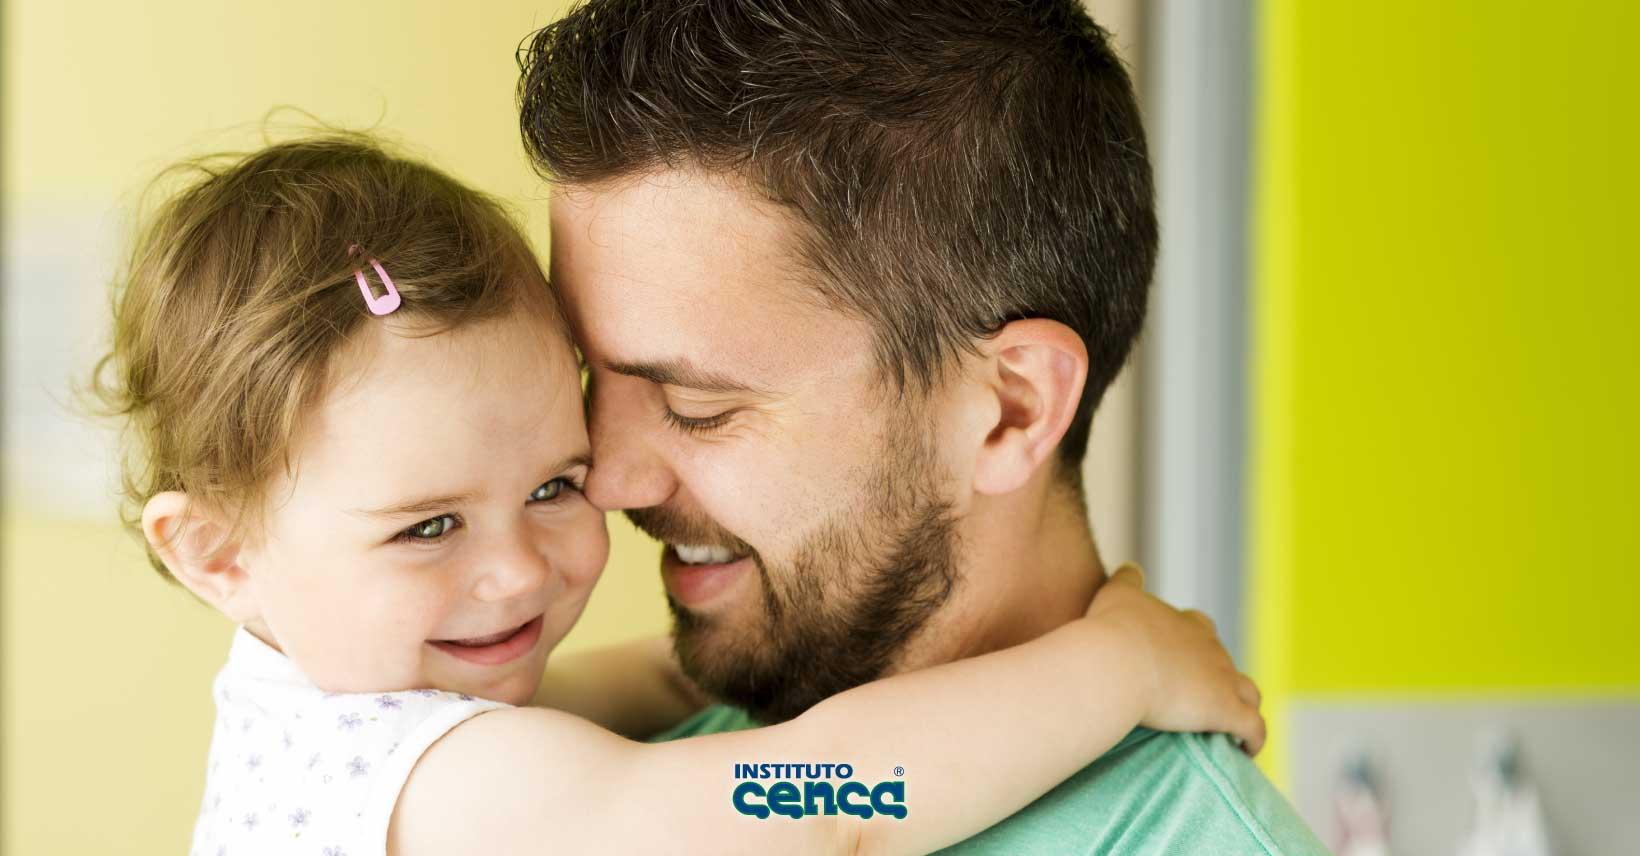 Validar las emociones de nuestros hijos